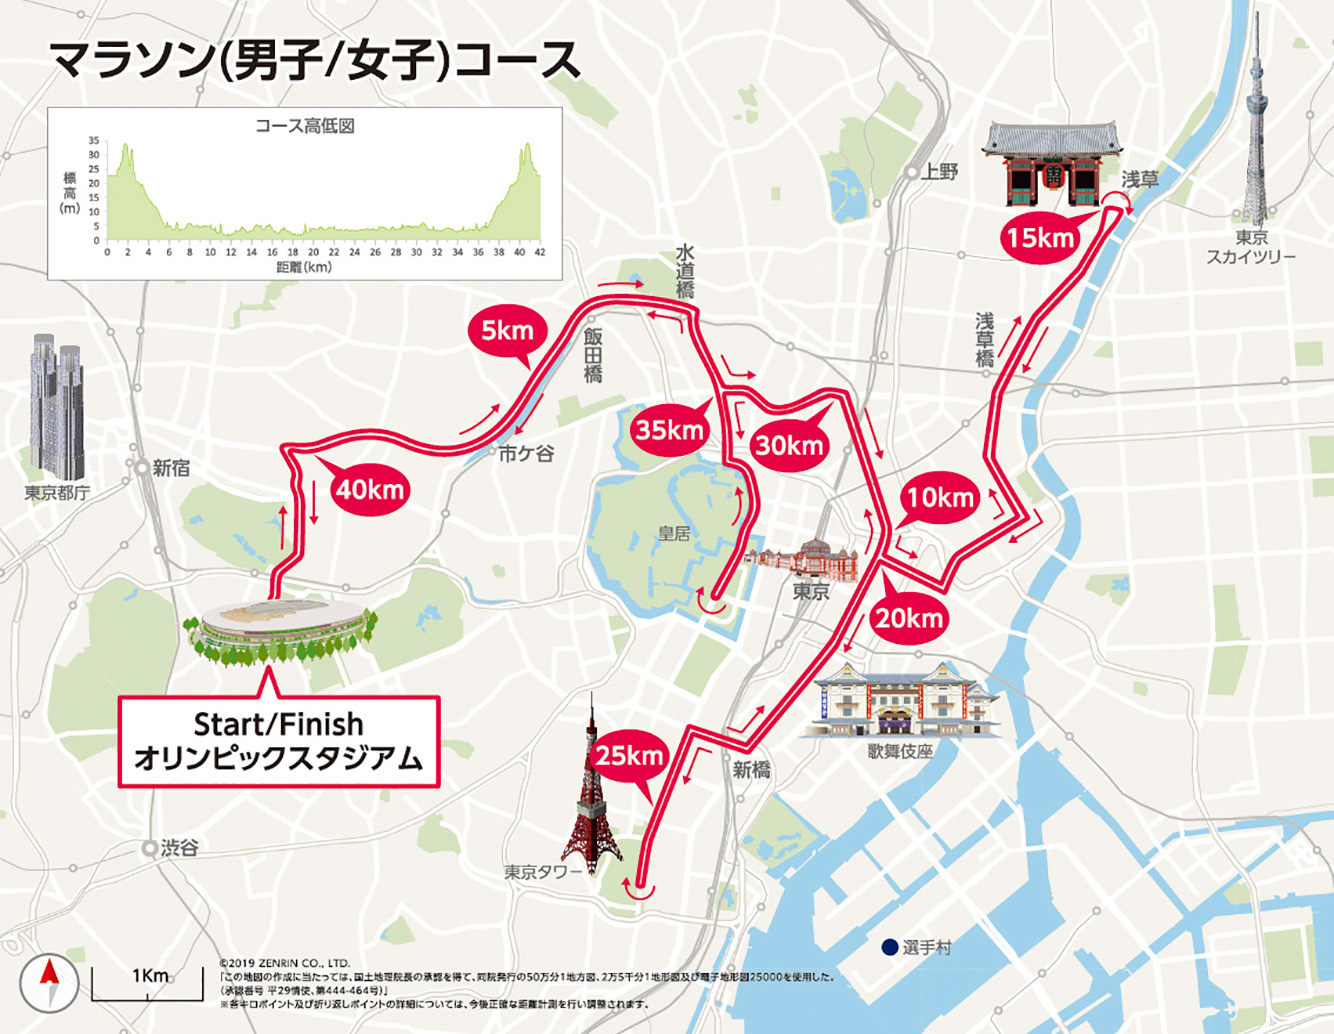 北海道札幌に変更決定する前の東京オリンピックのマラソンのコース